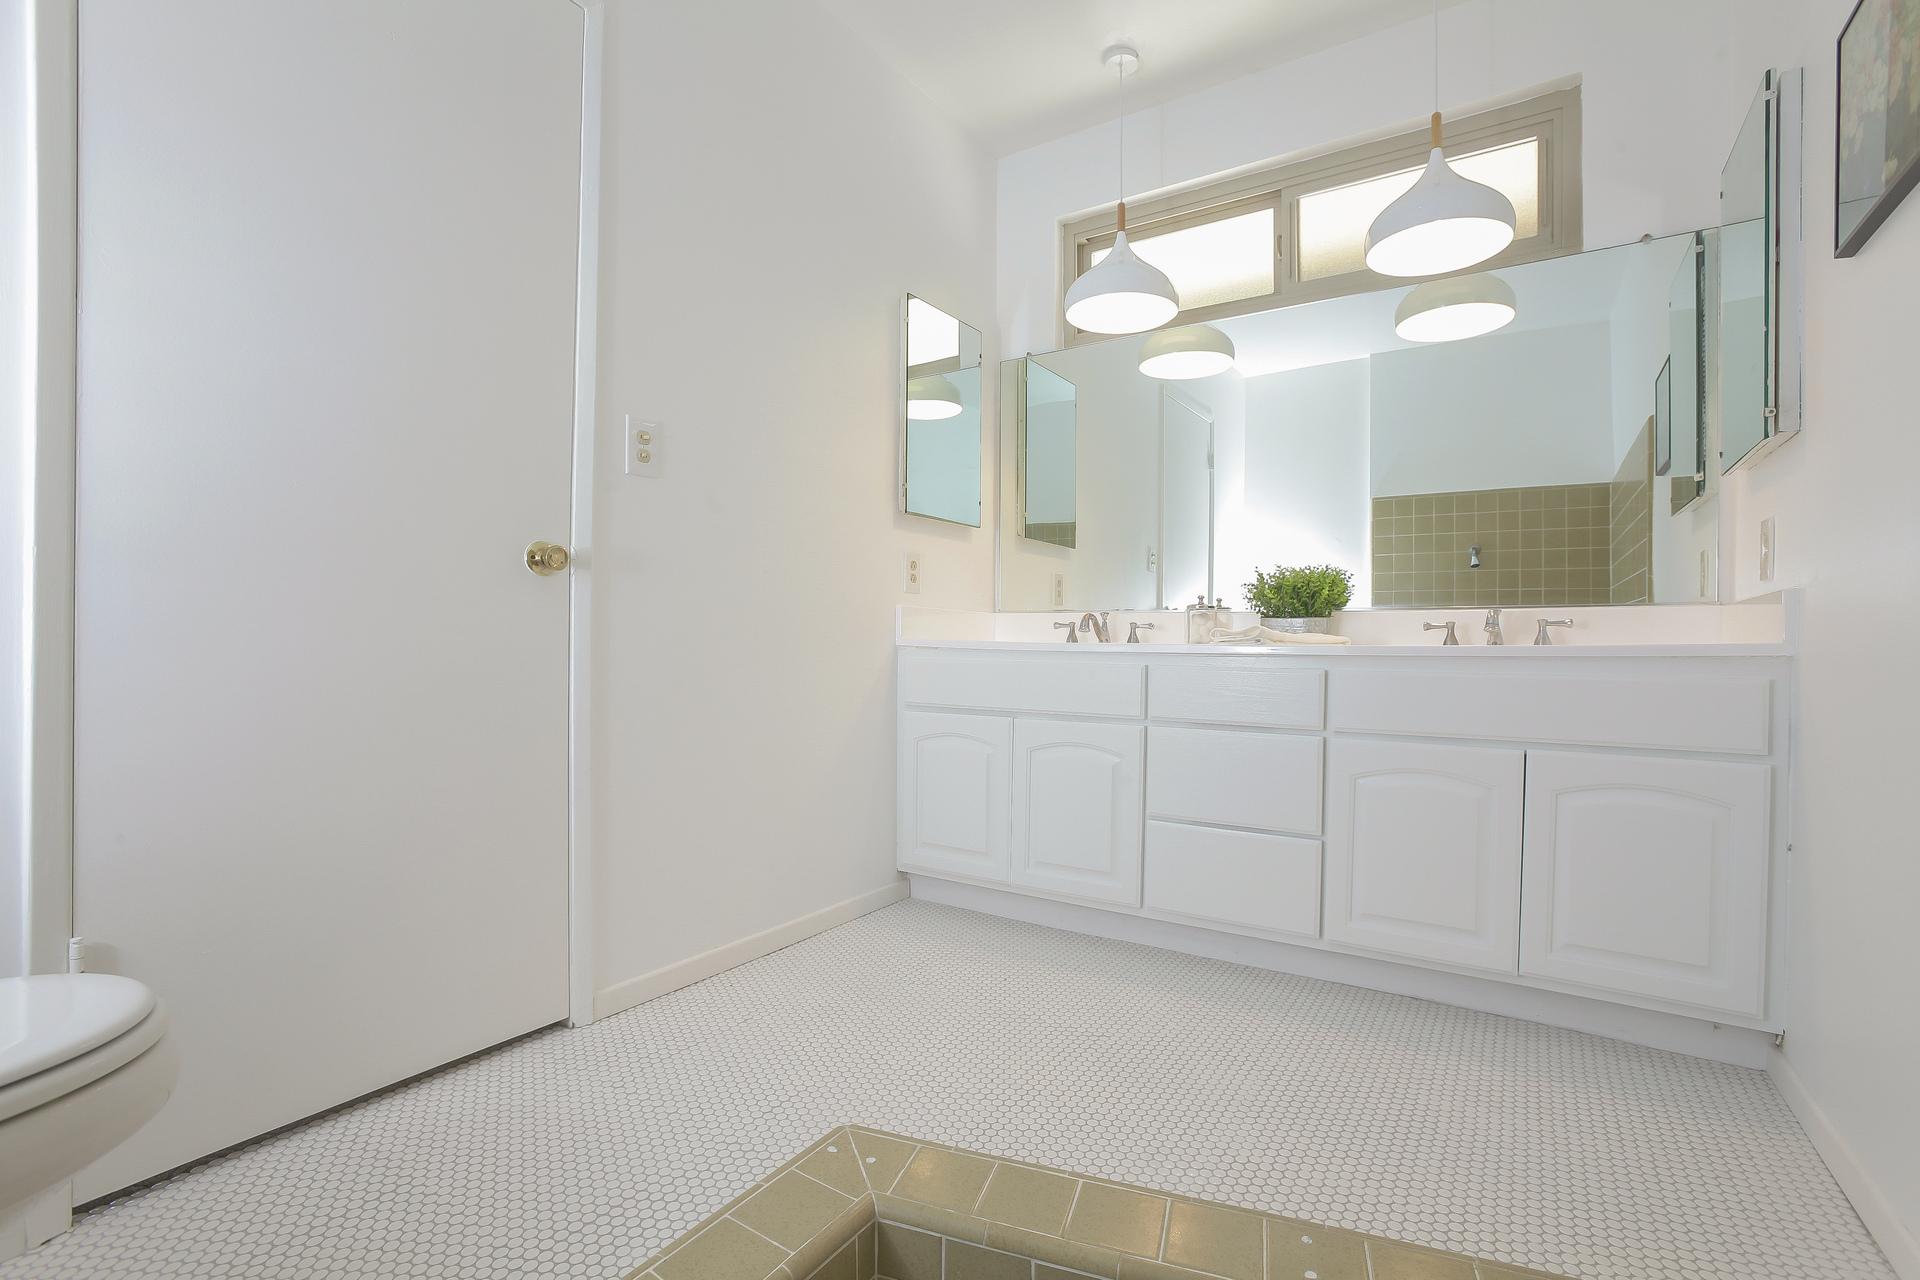 035-Master_Bathroom-4443075-medium.jpg